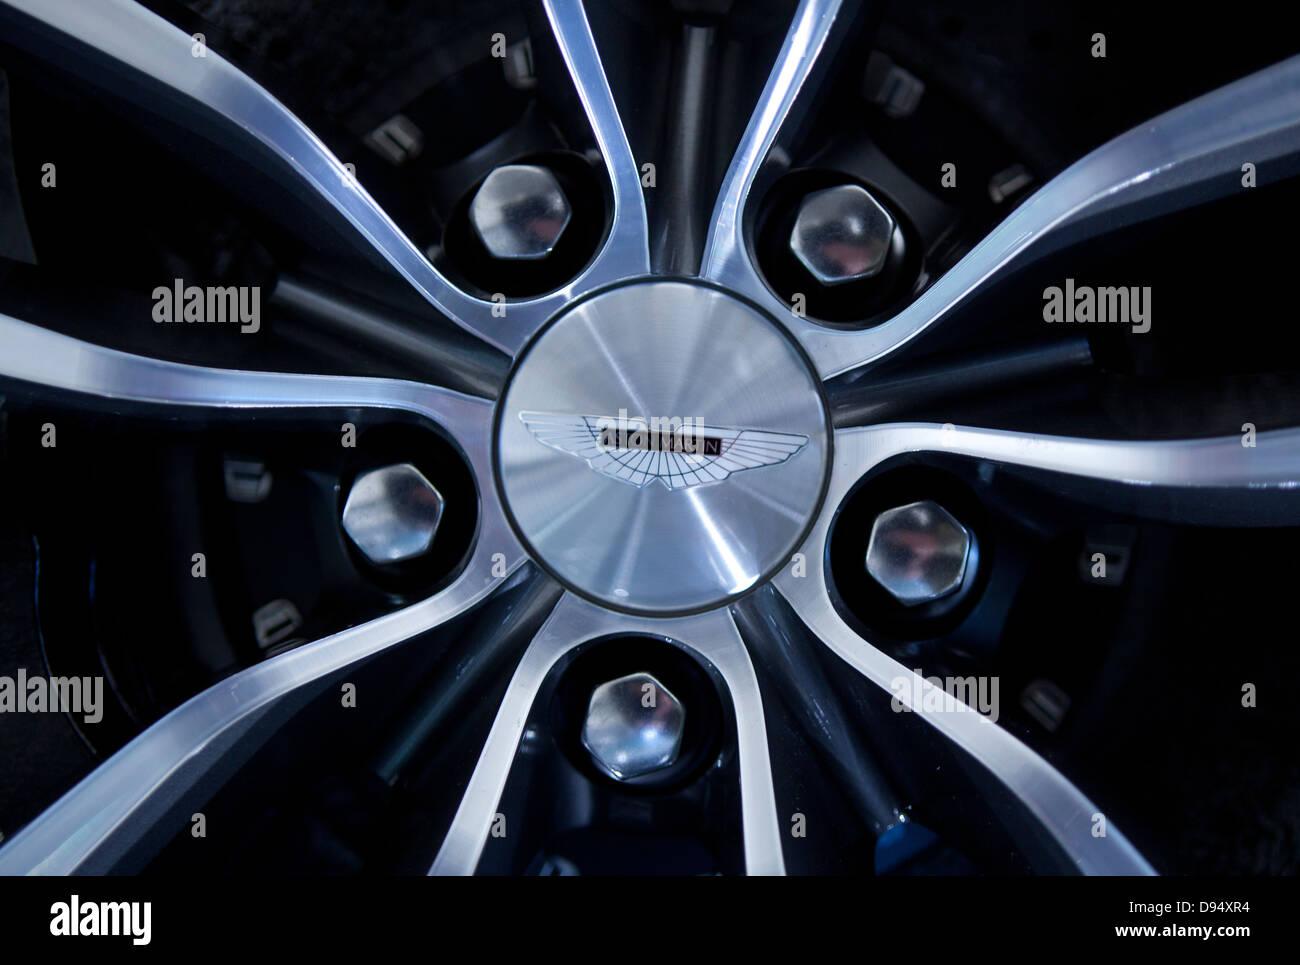 Aston Martin Wheel Stockfotos Und Bilder Kaufen Alamy